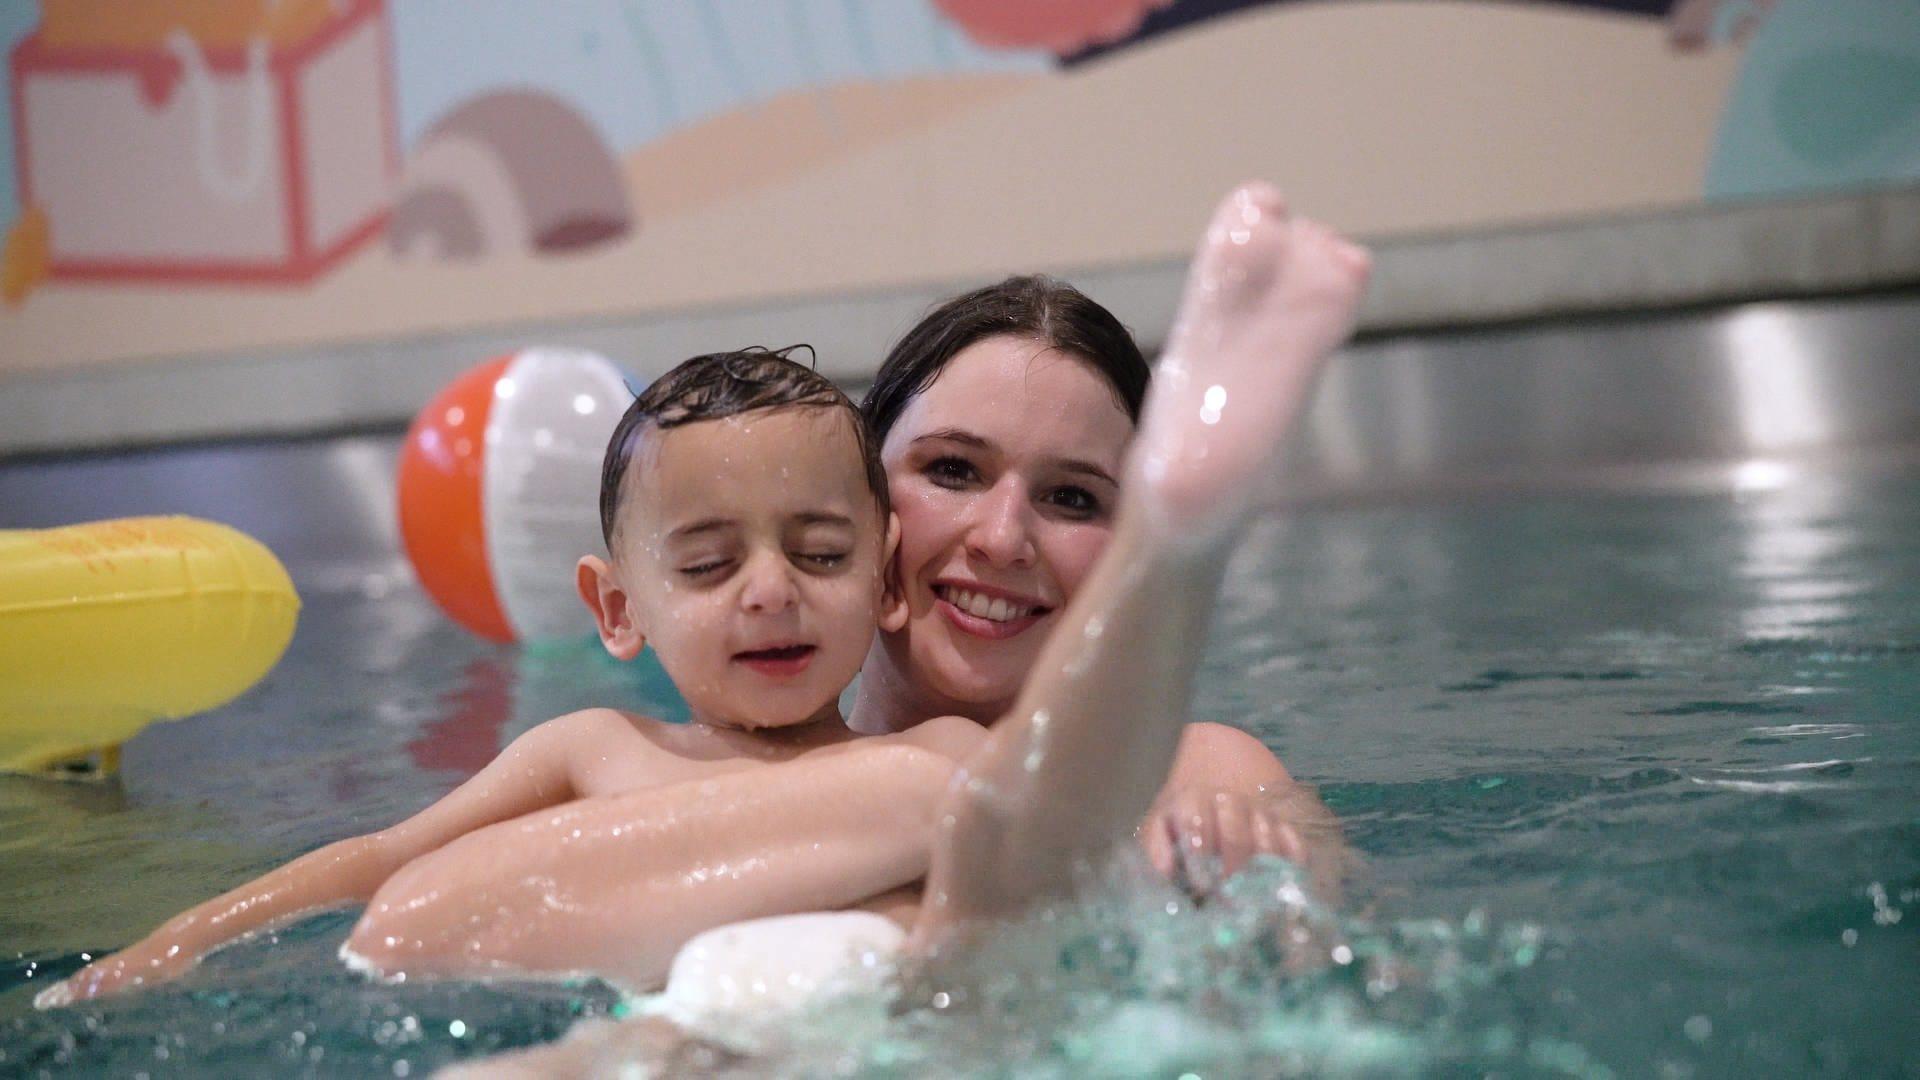 Eine Fau badet mit einem Kind im Kinderhospiz in Stuttgart.